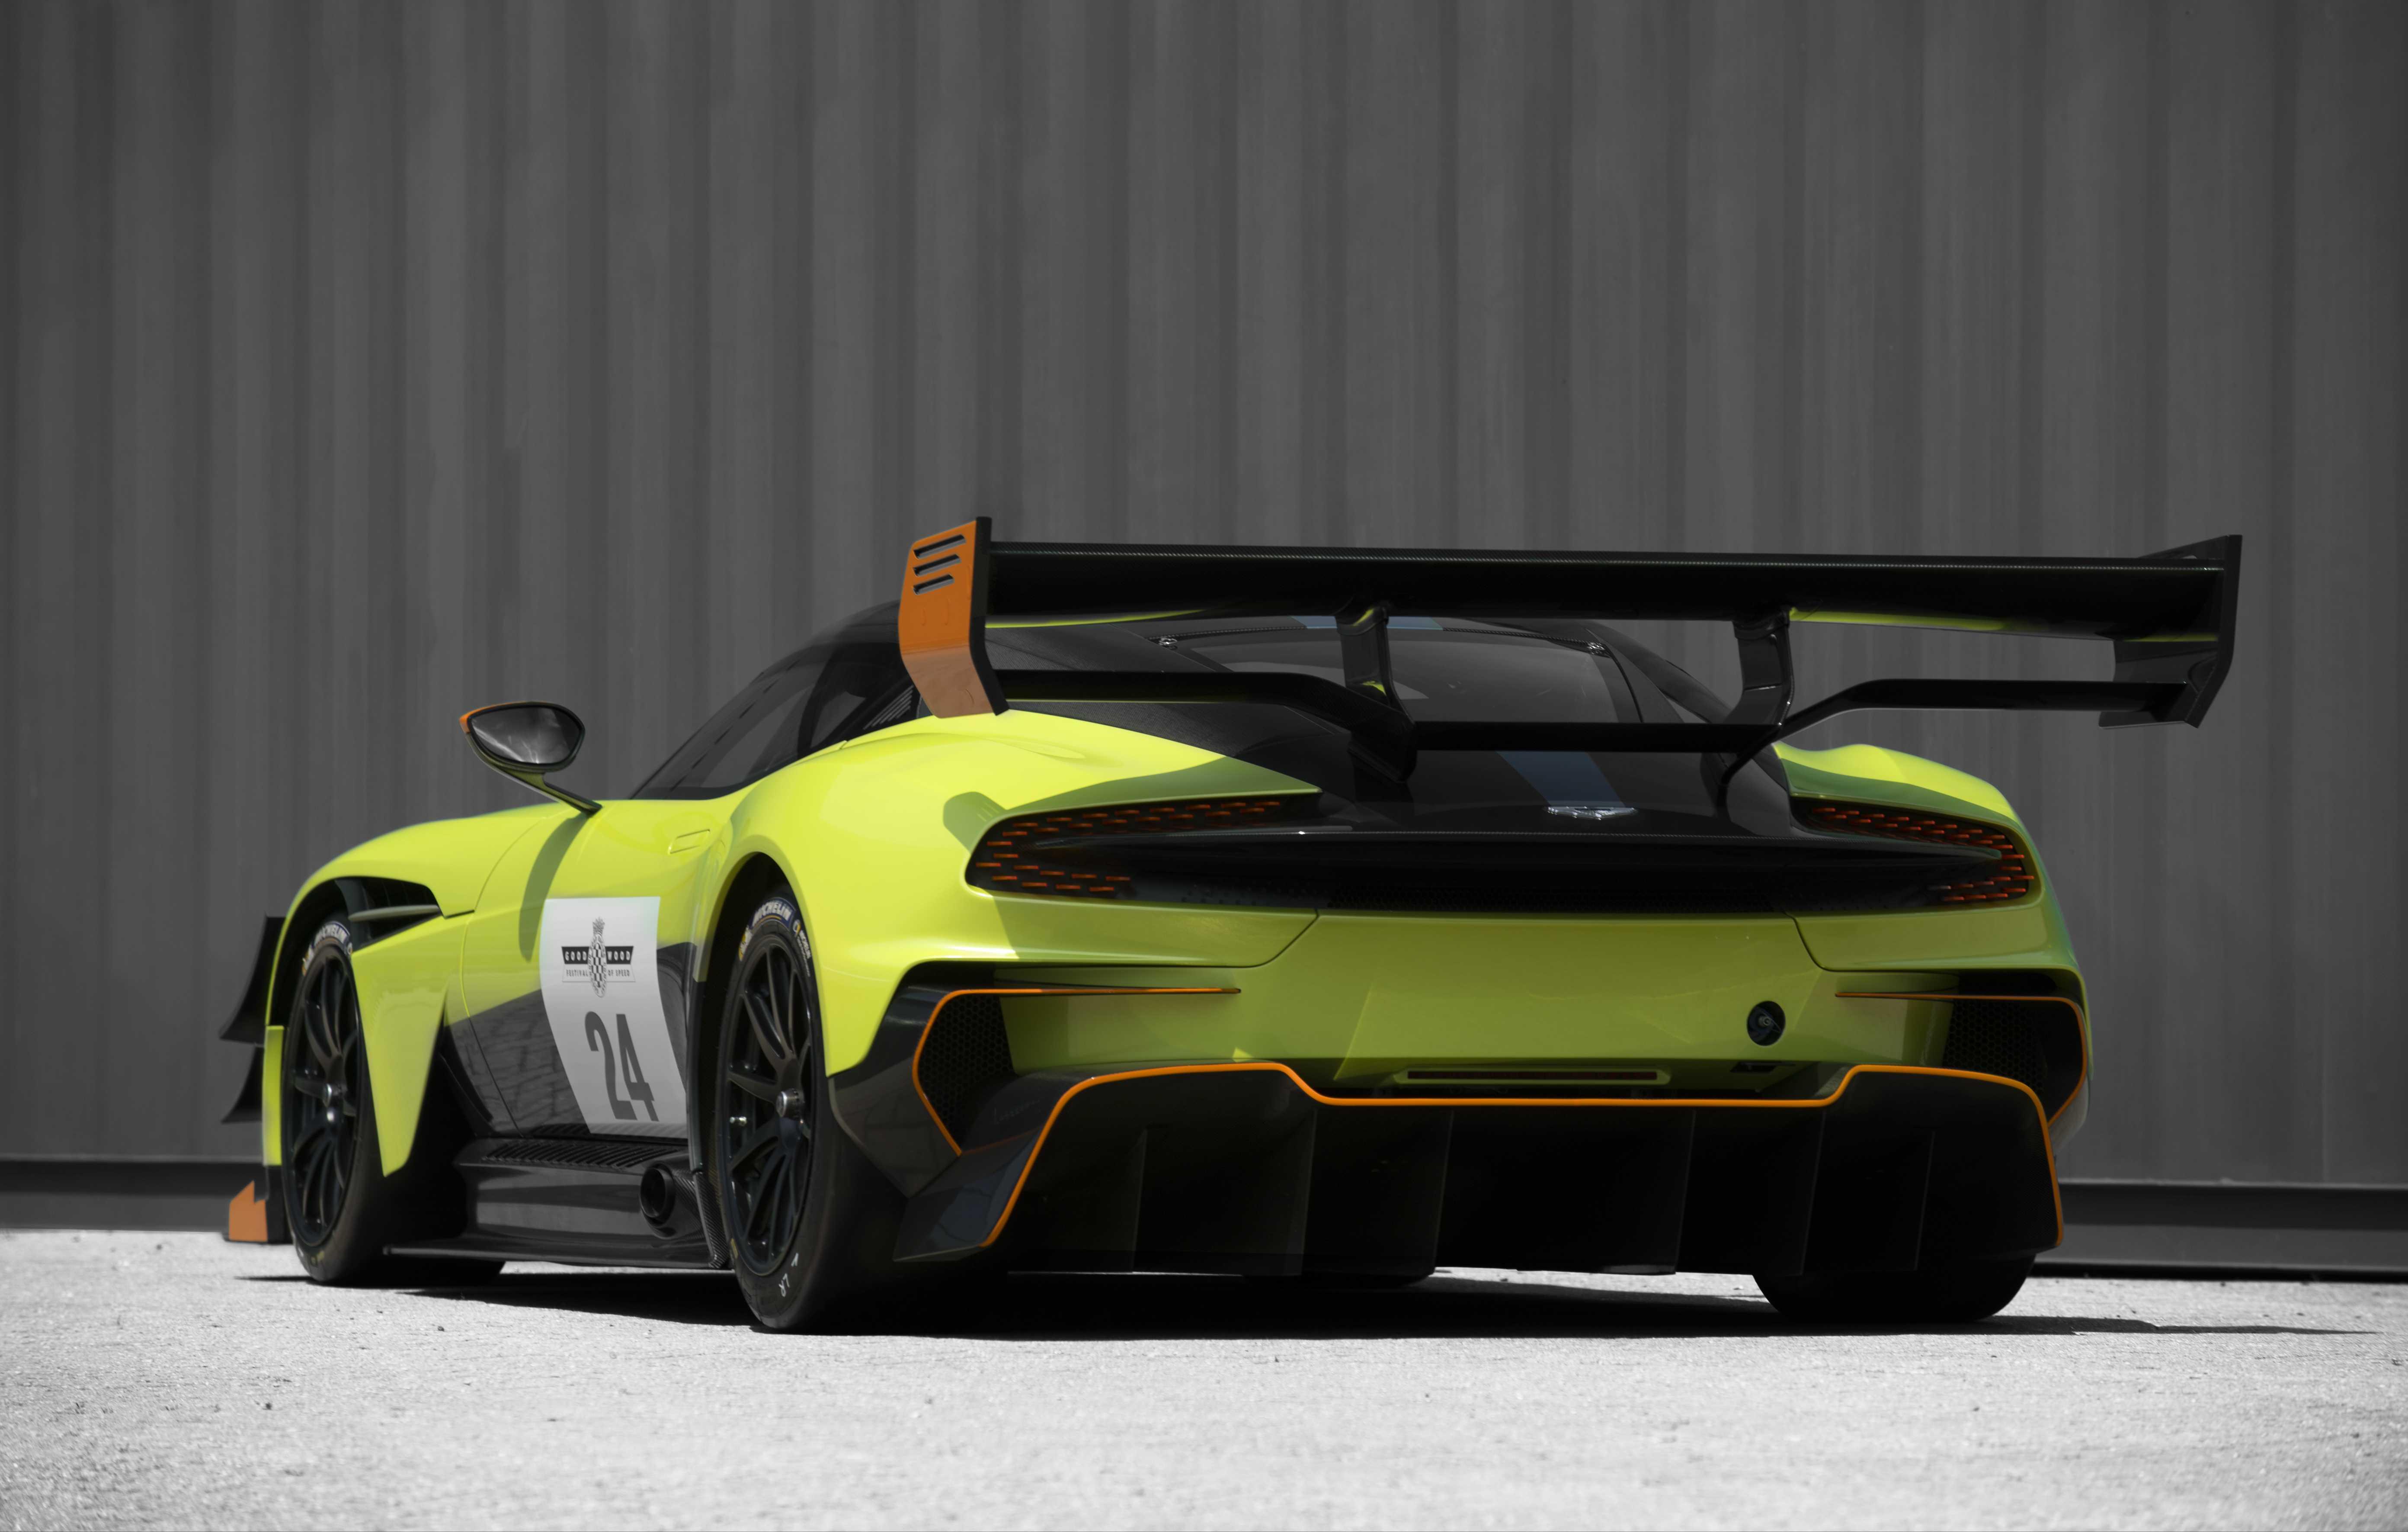 Aston Martin Vulcan 1st Generation 7 0 V12 811ps 2015